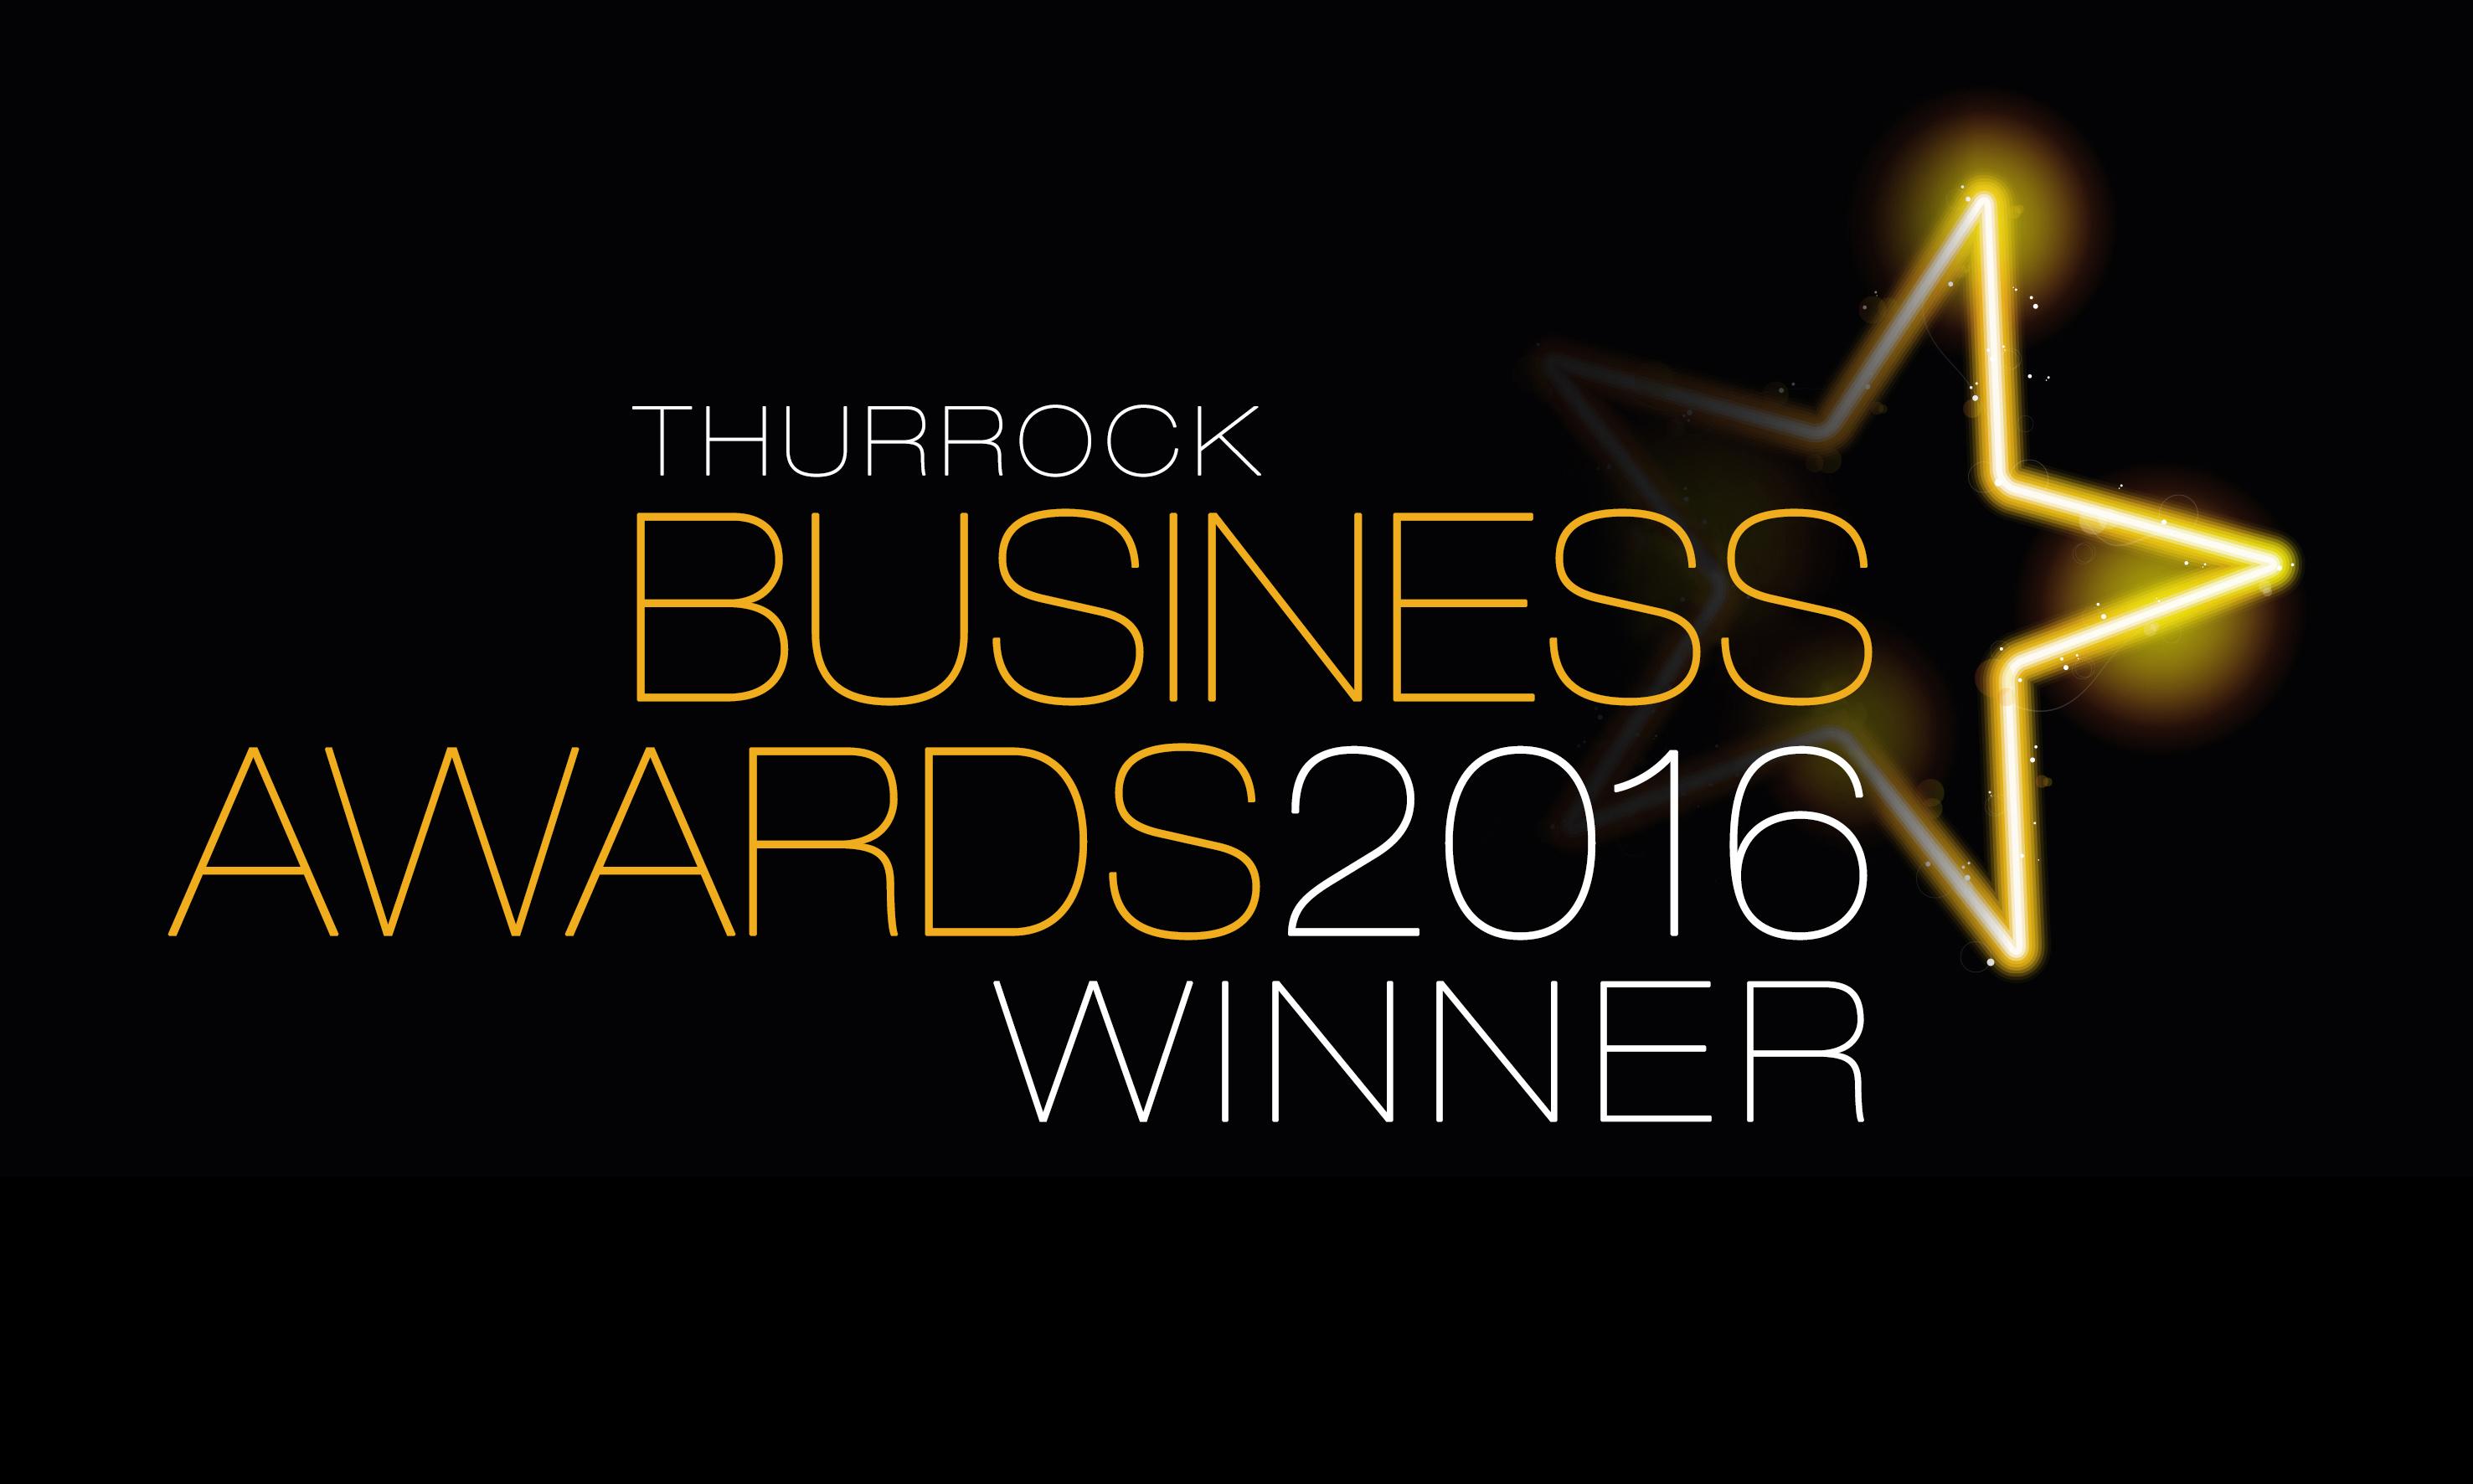 Business Awards Logo 2016 Thurrock Winner